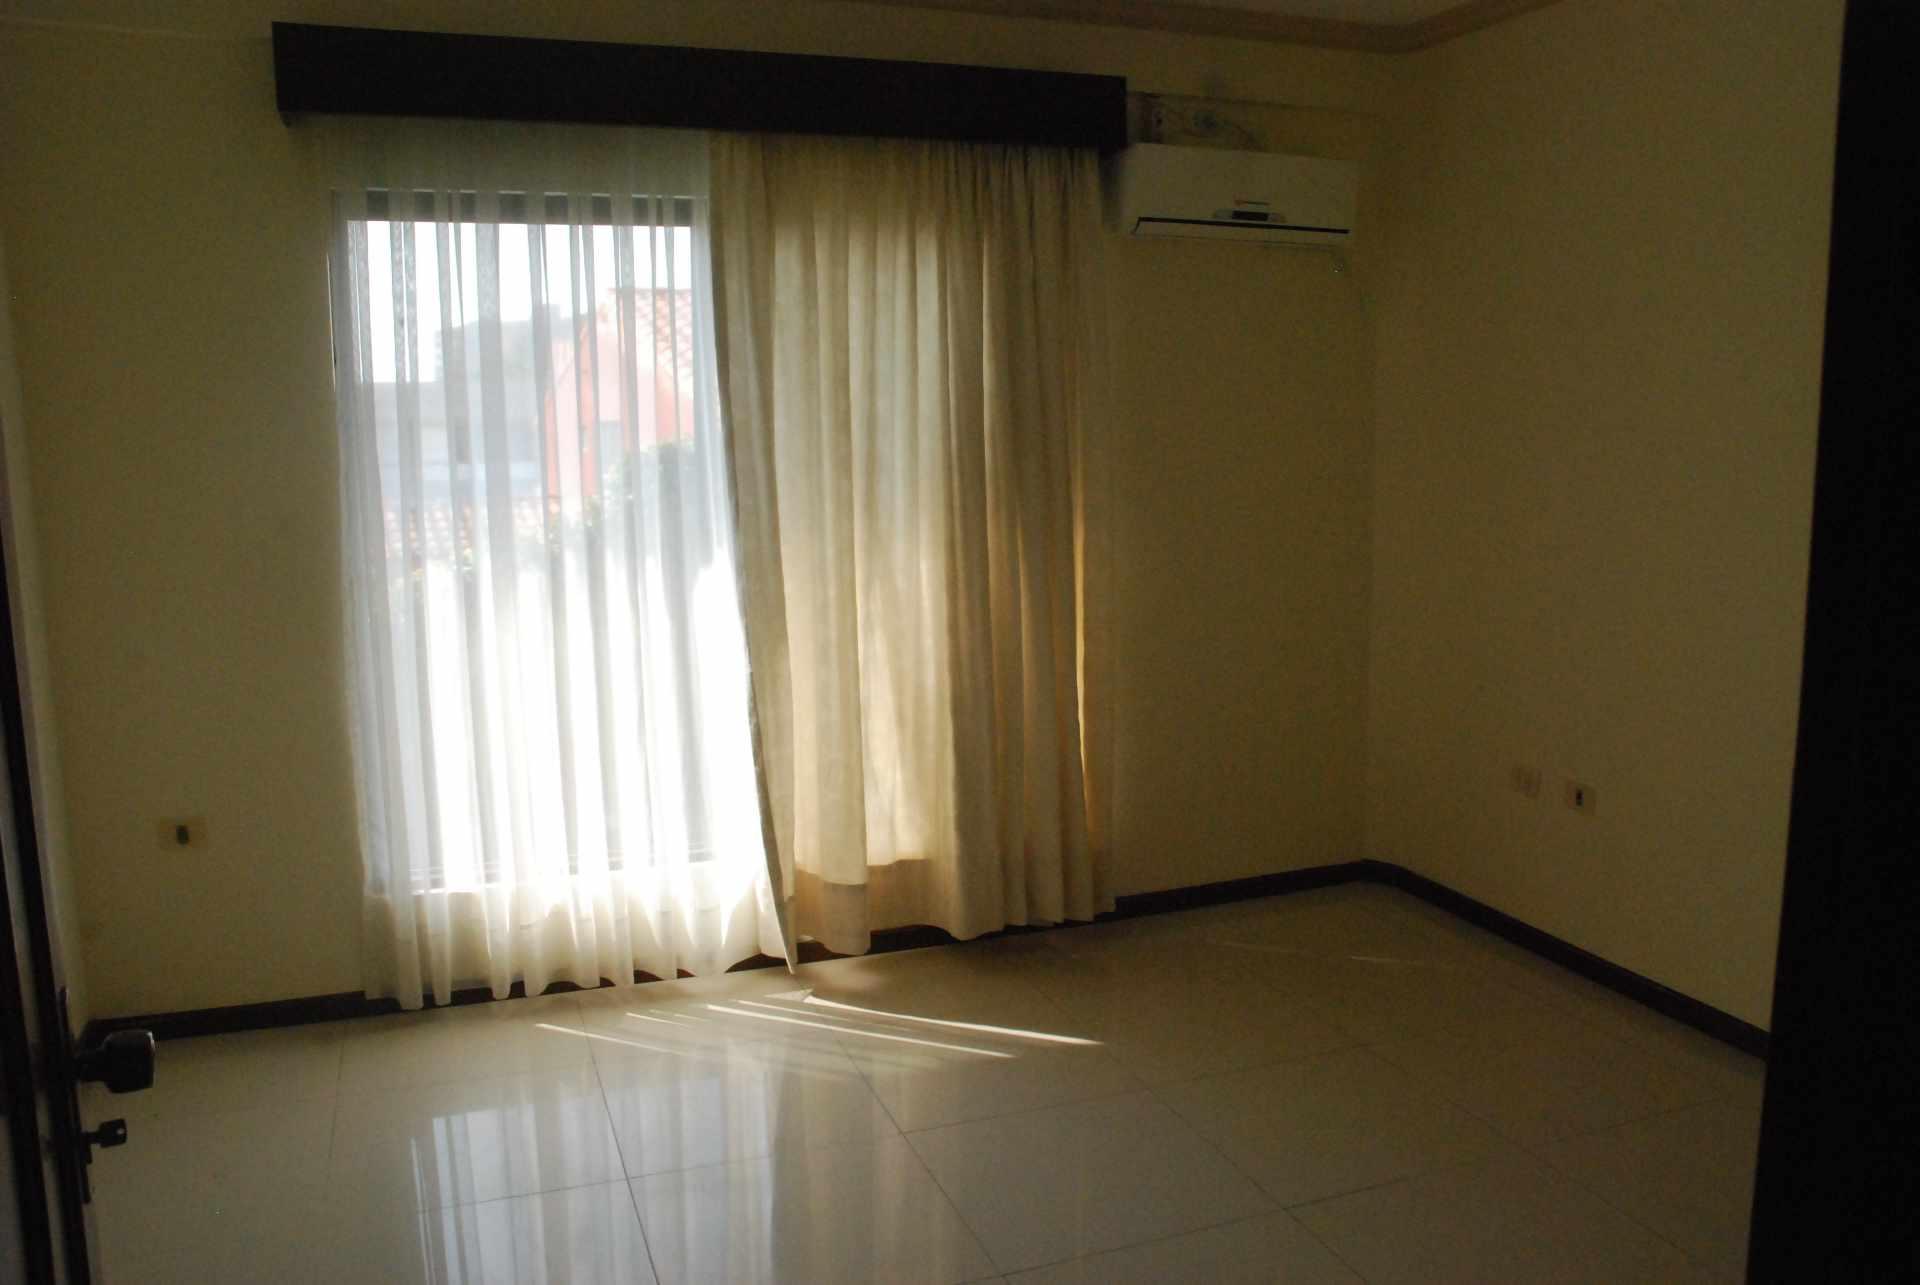 Casa en Alquiler Condominio Barrio Norte , al lado del Mall Las Brisas, 4to anillo Avenida Banzer. Foto 7